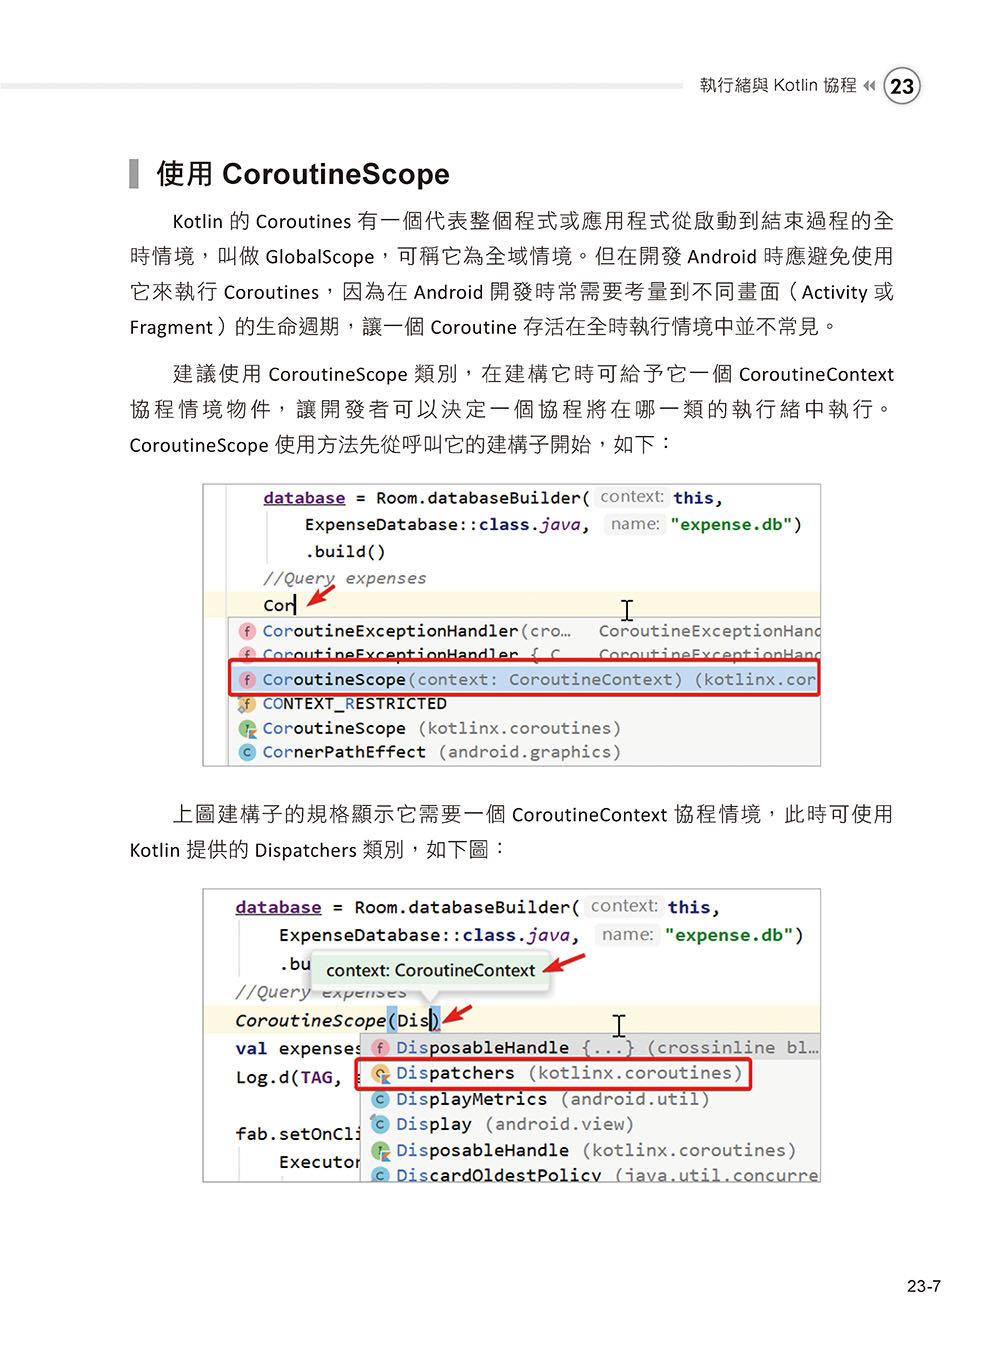 一開始就學對 Android-Kotlin 與 MVVM 新架構-preview-16